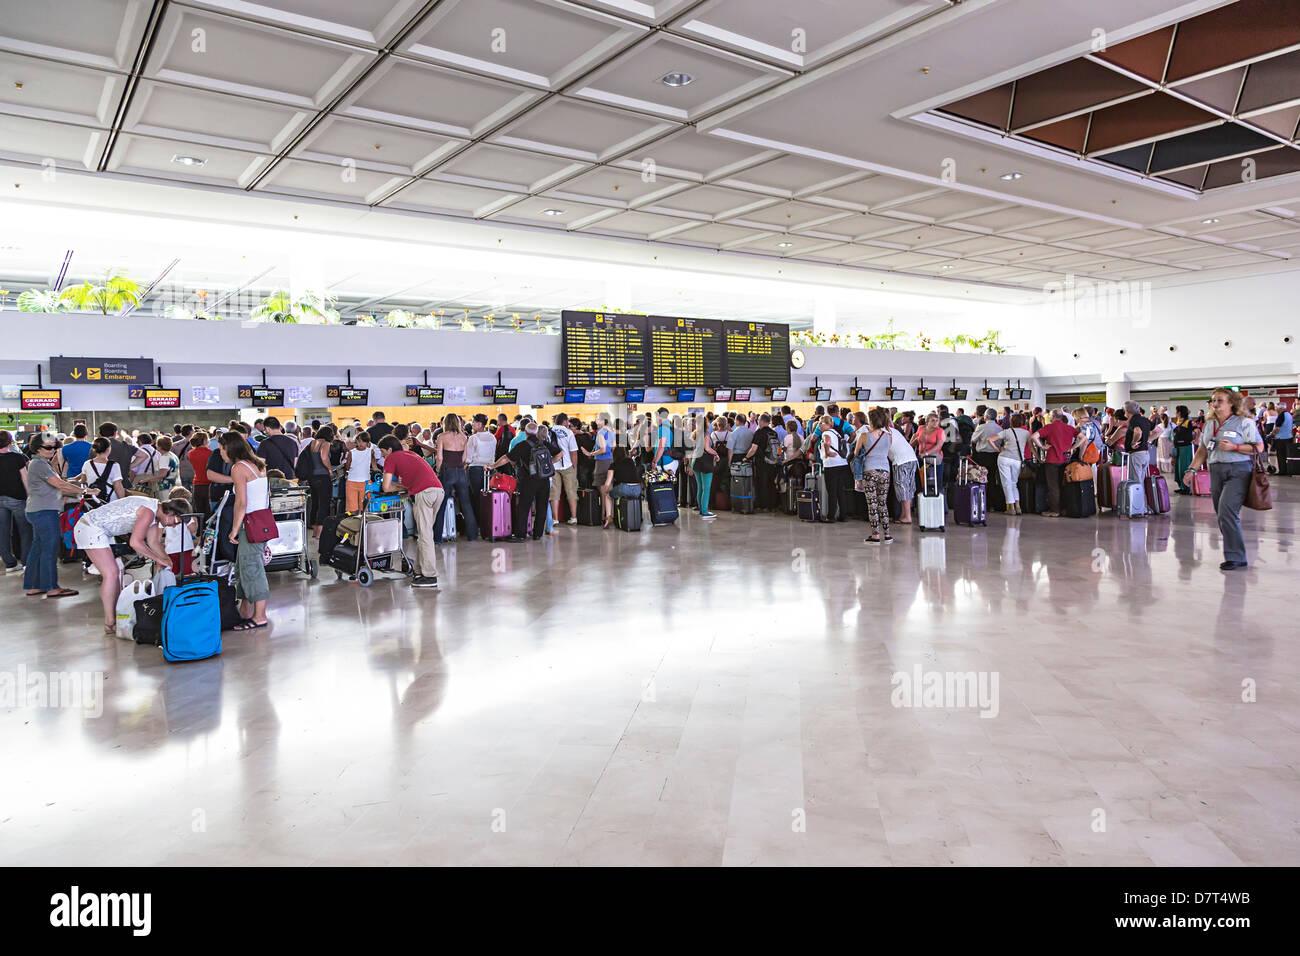 Menschen in der Schlange zum Einchecken am Flughafen Lanzarote, Kanarische Inseln, Spanien Stockbild